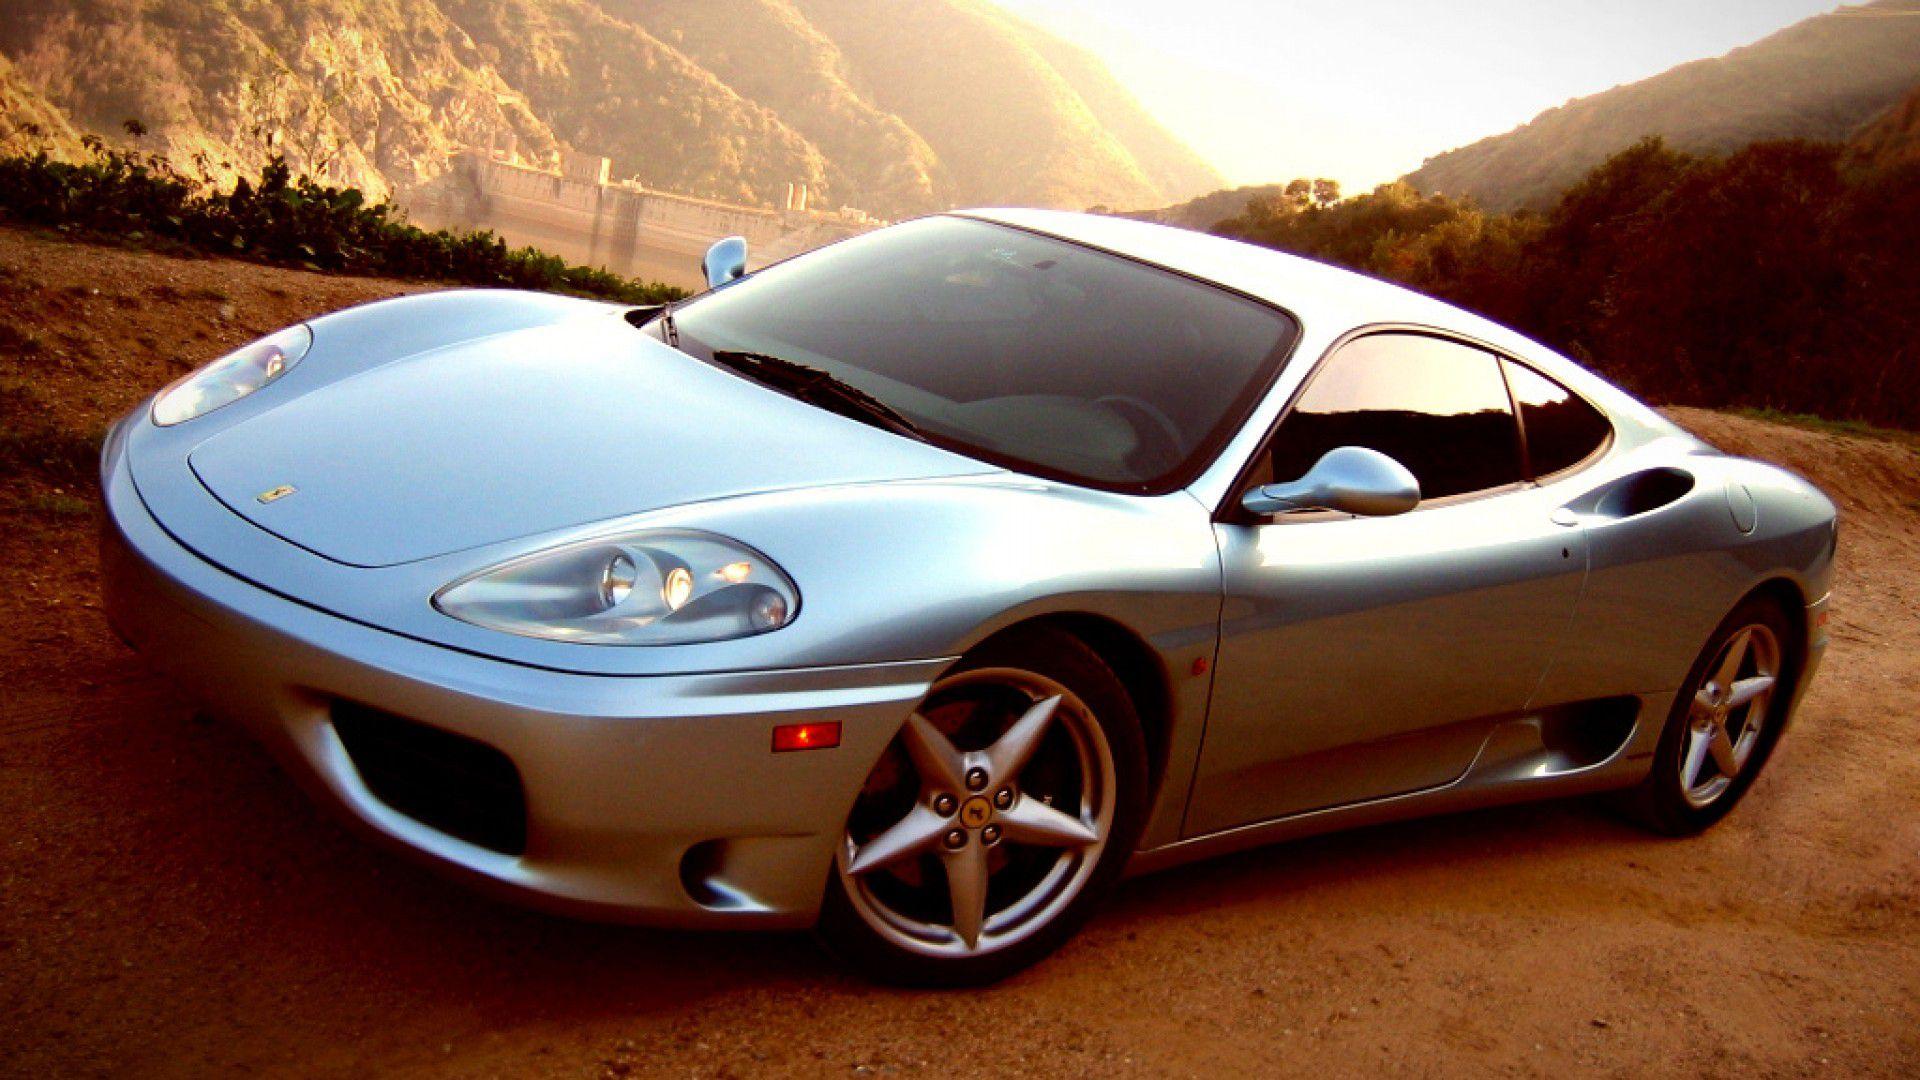 Ferrari 360 Modena & Spider